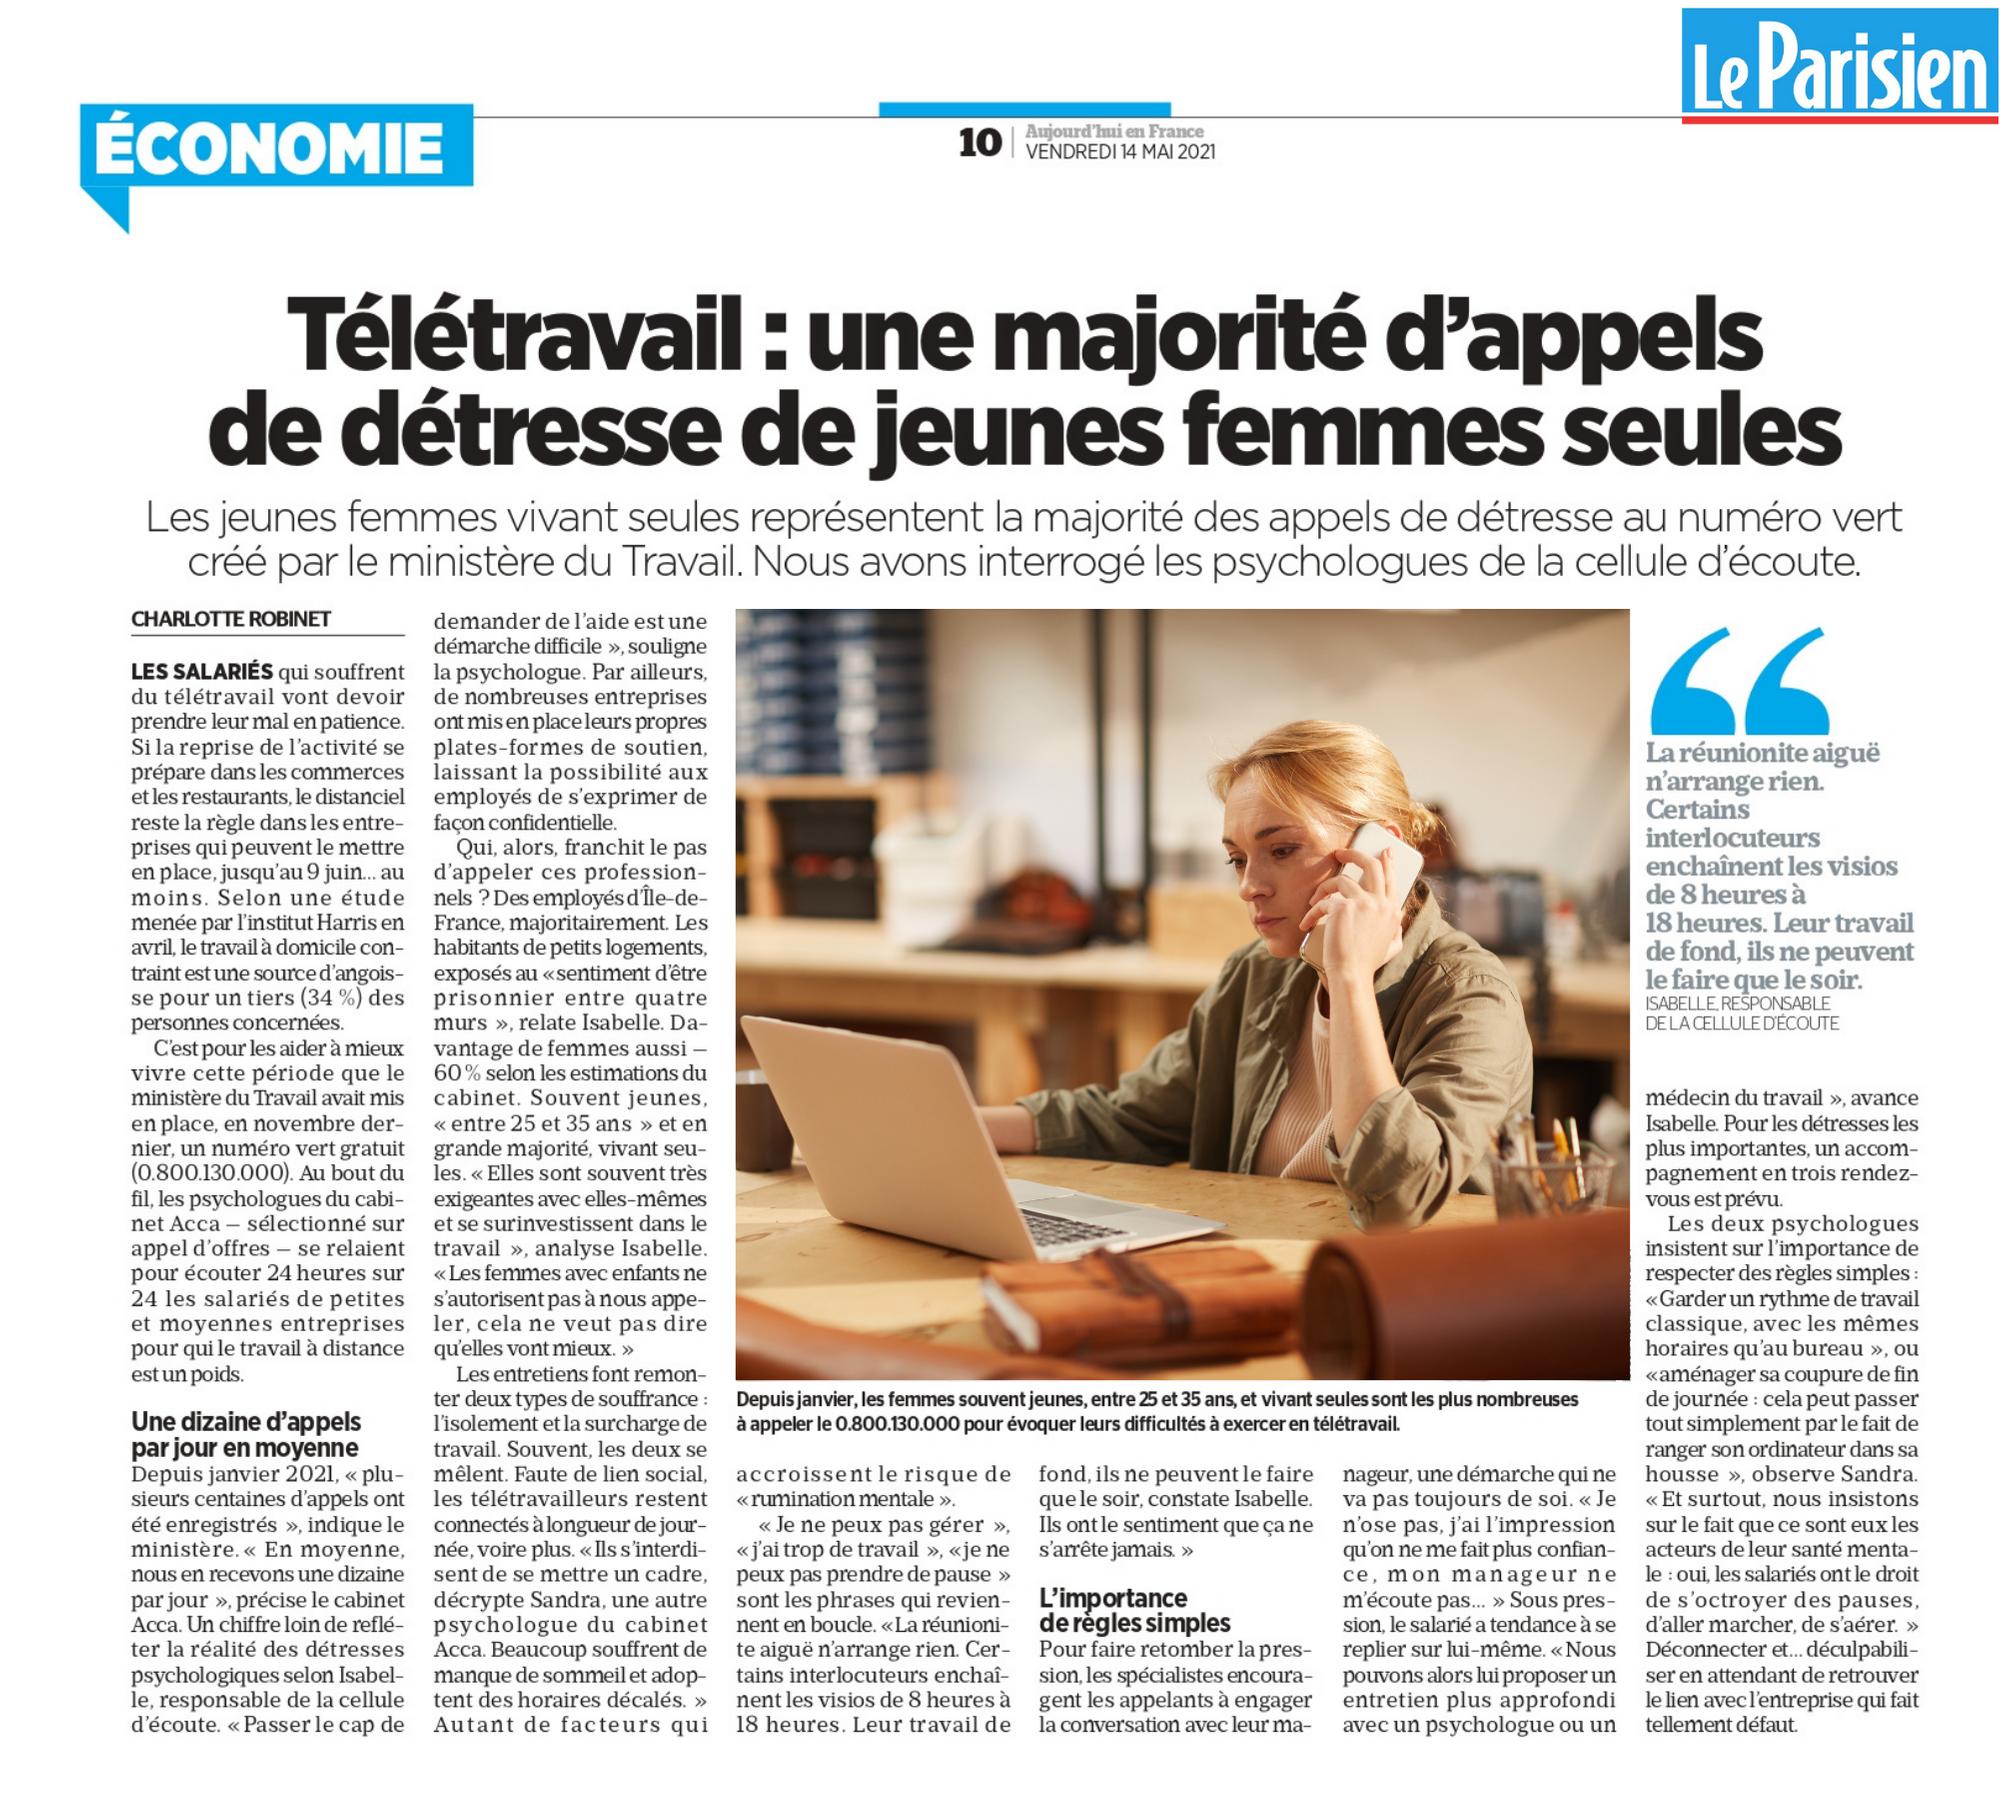 Cellule d'écoute psy Ministère du Travail article Le Parisien